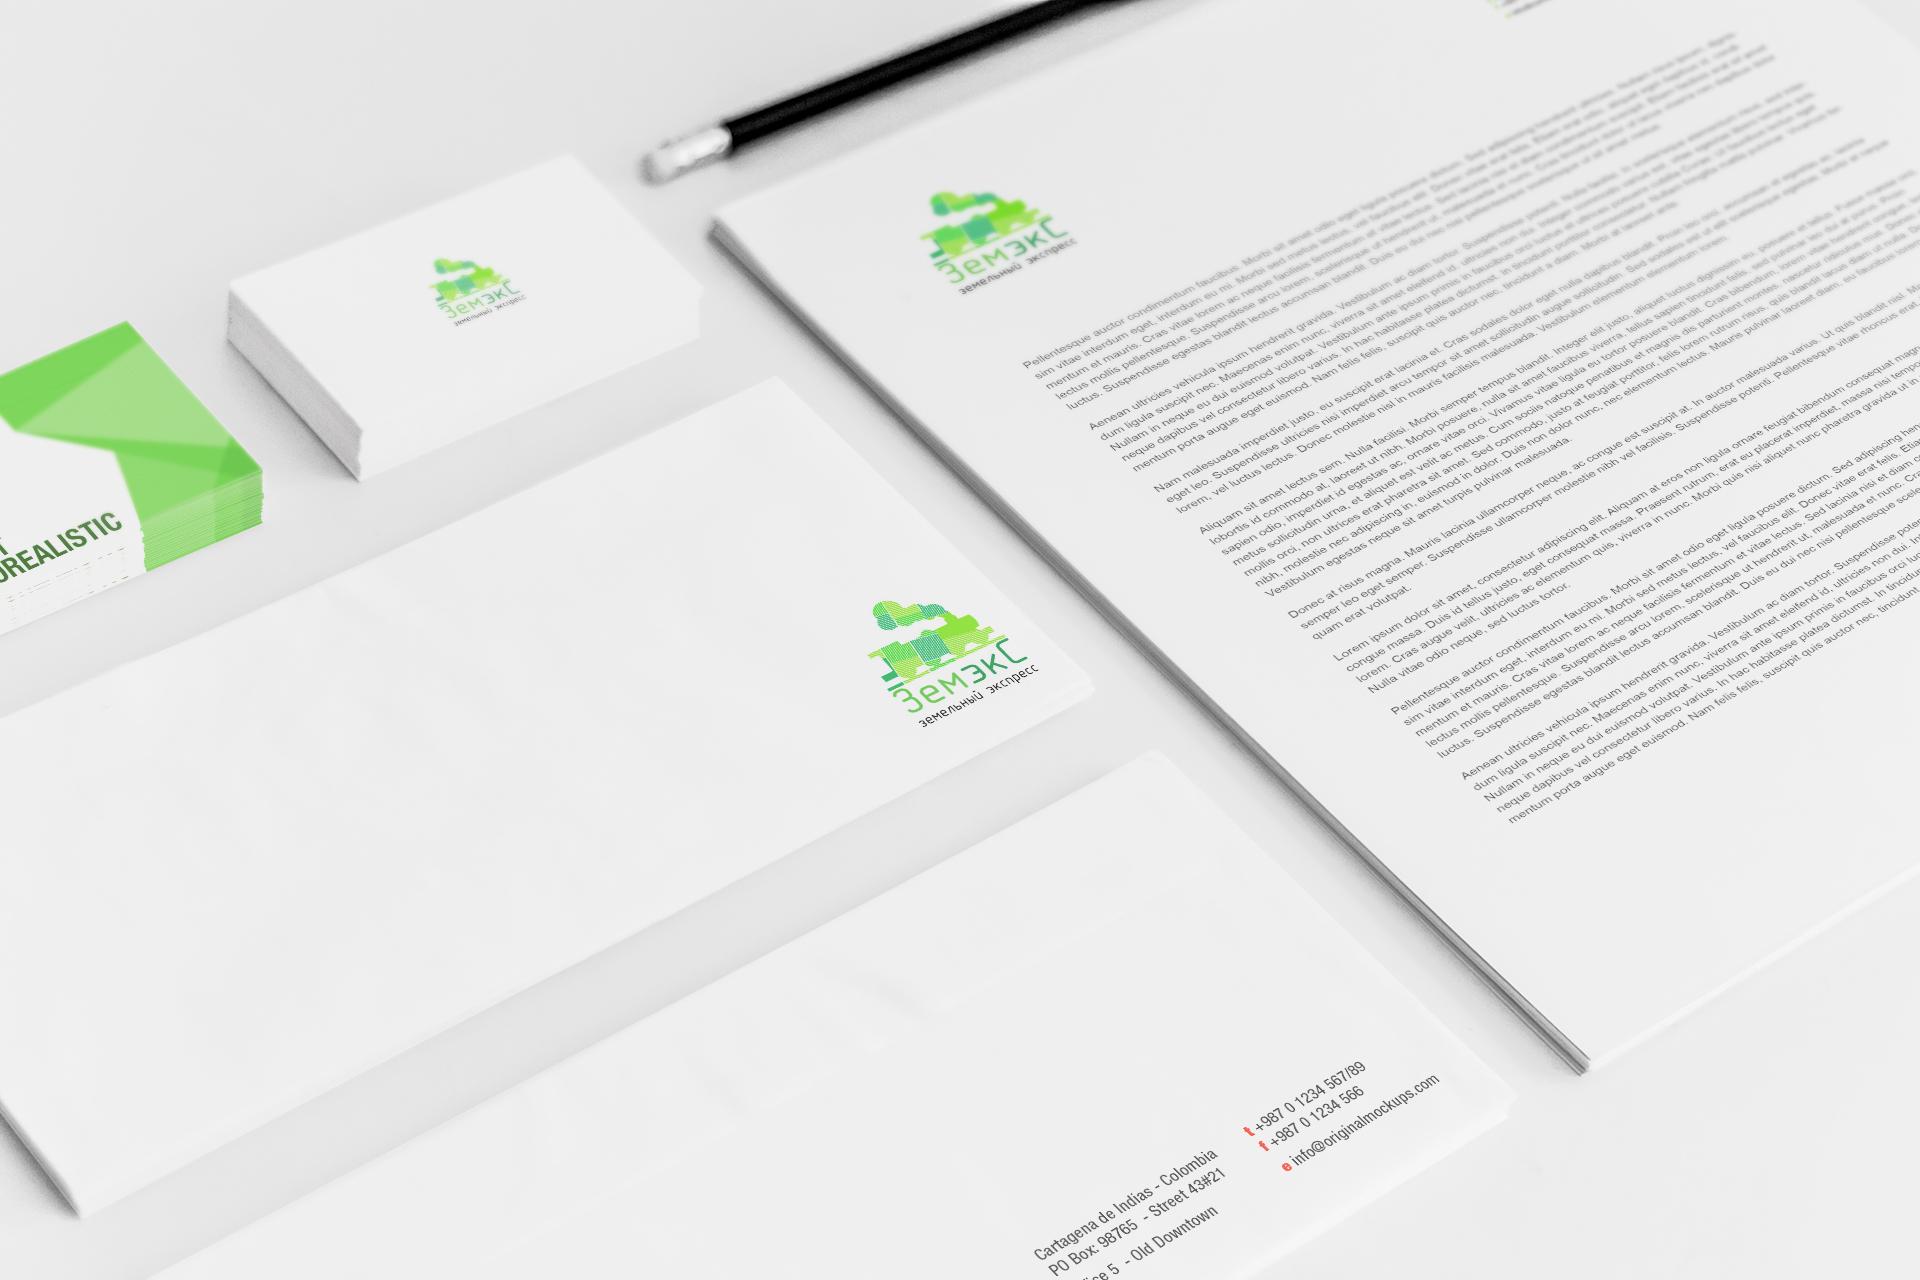 Создание логотипа и фирменного стиля фото f_76259e6133f8205d.jpg